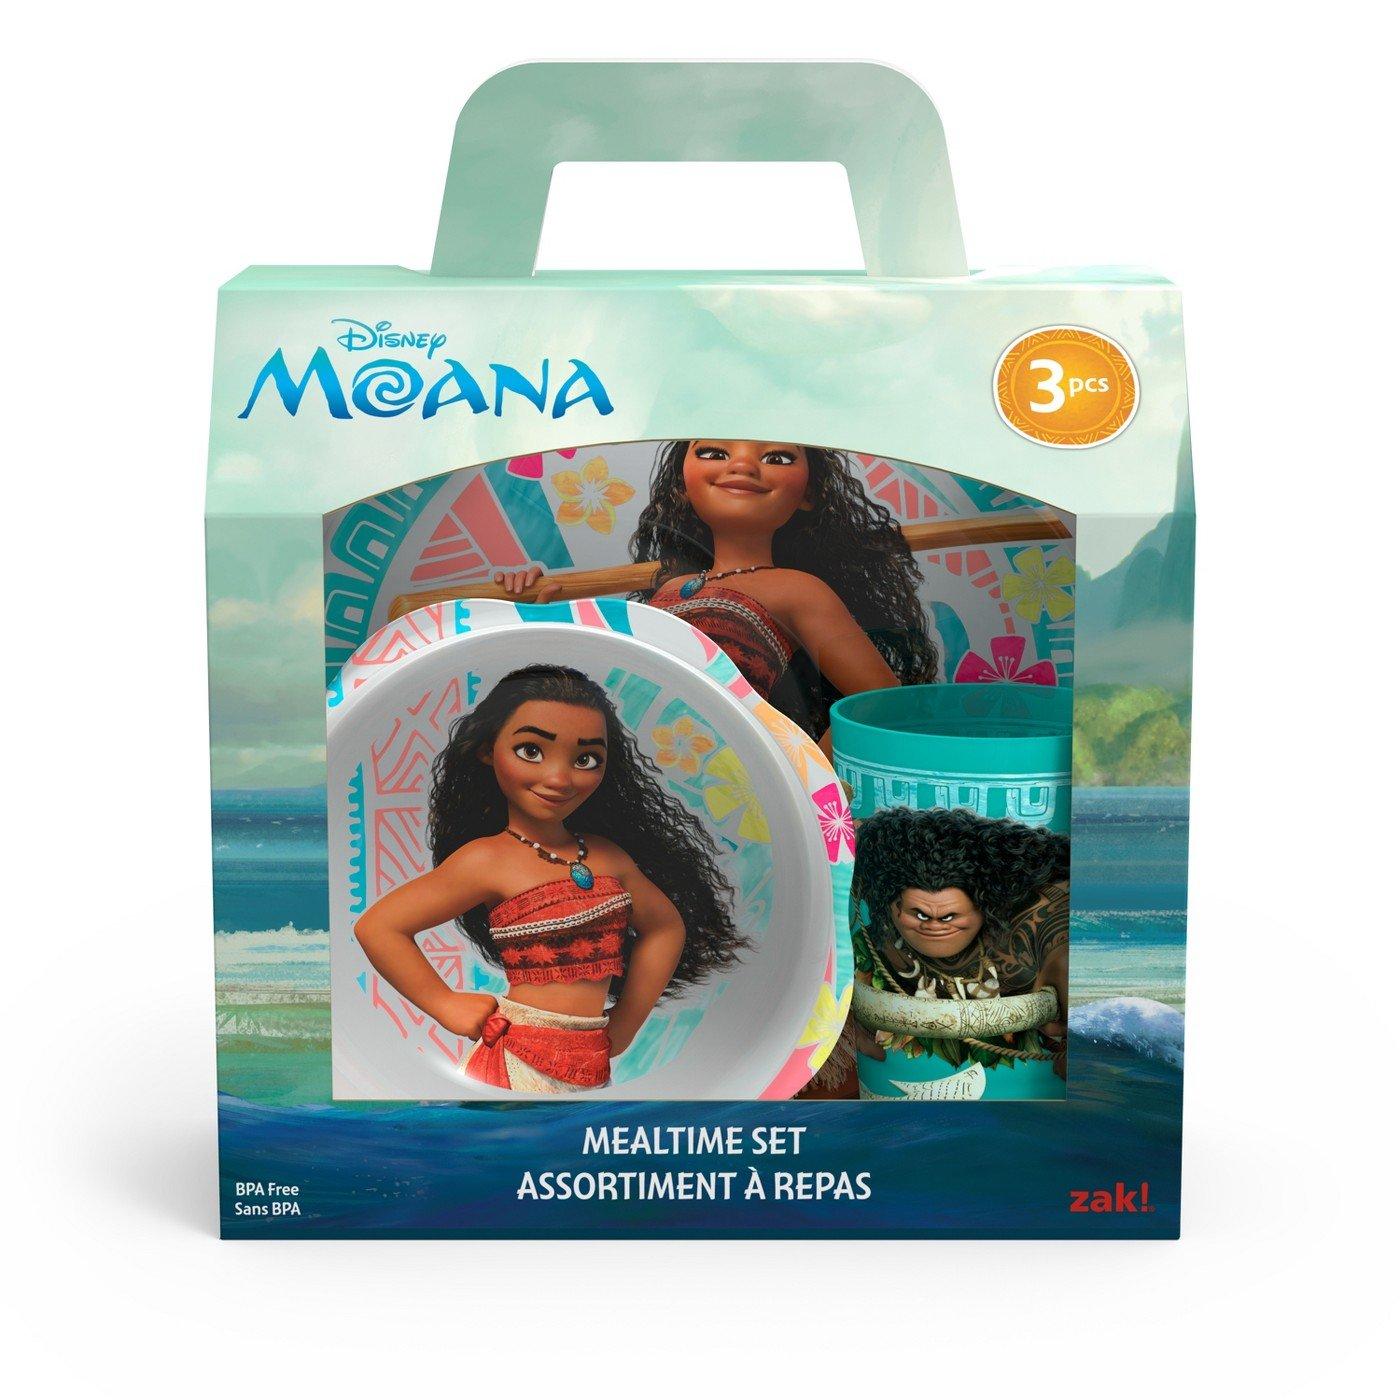 Moana Mealtime 3pcs Set BPA Free by Zak Designs Set